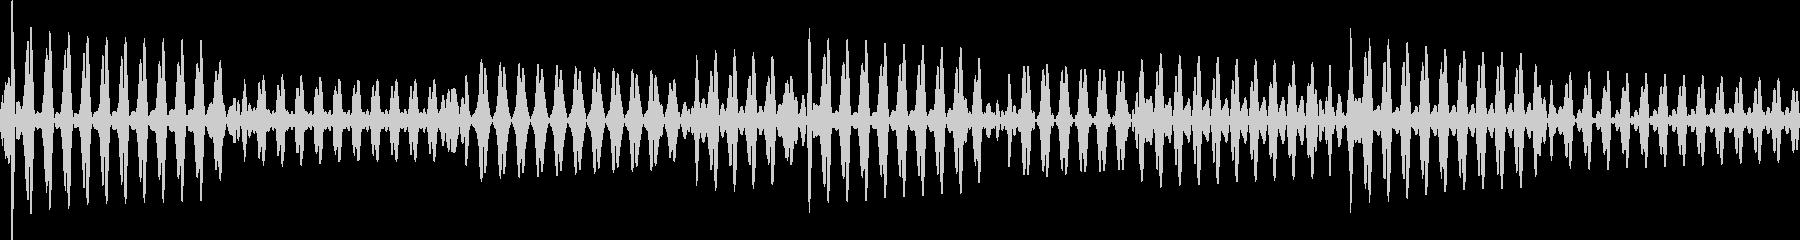 ベース指弾き 4/4 140(ラ)1の未再生の波形